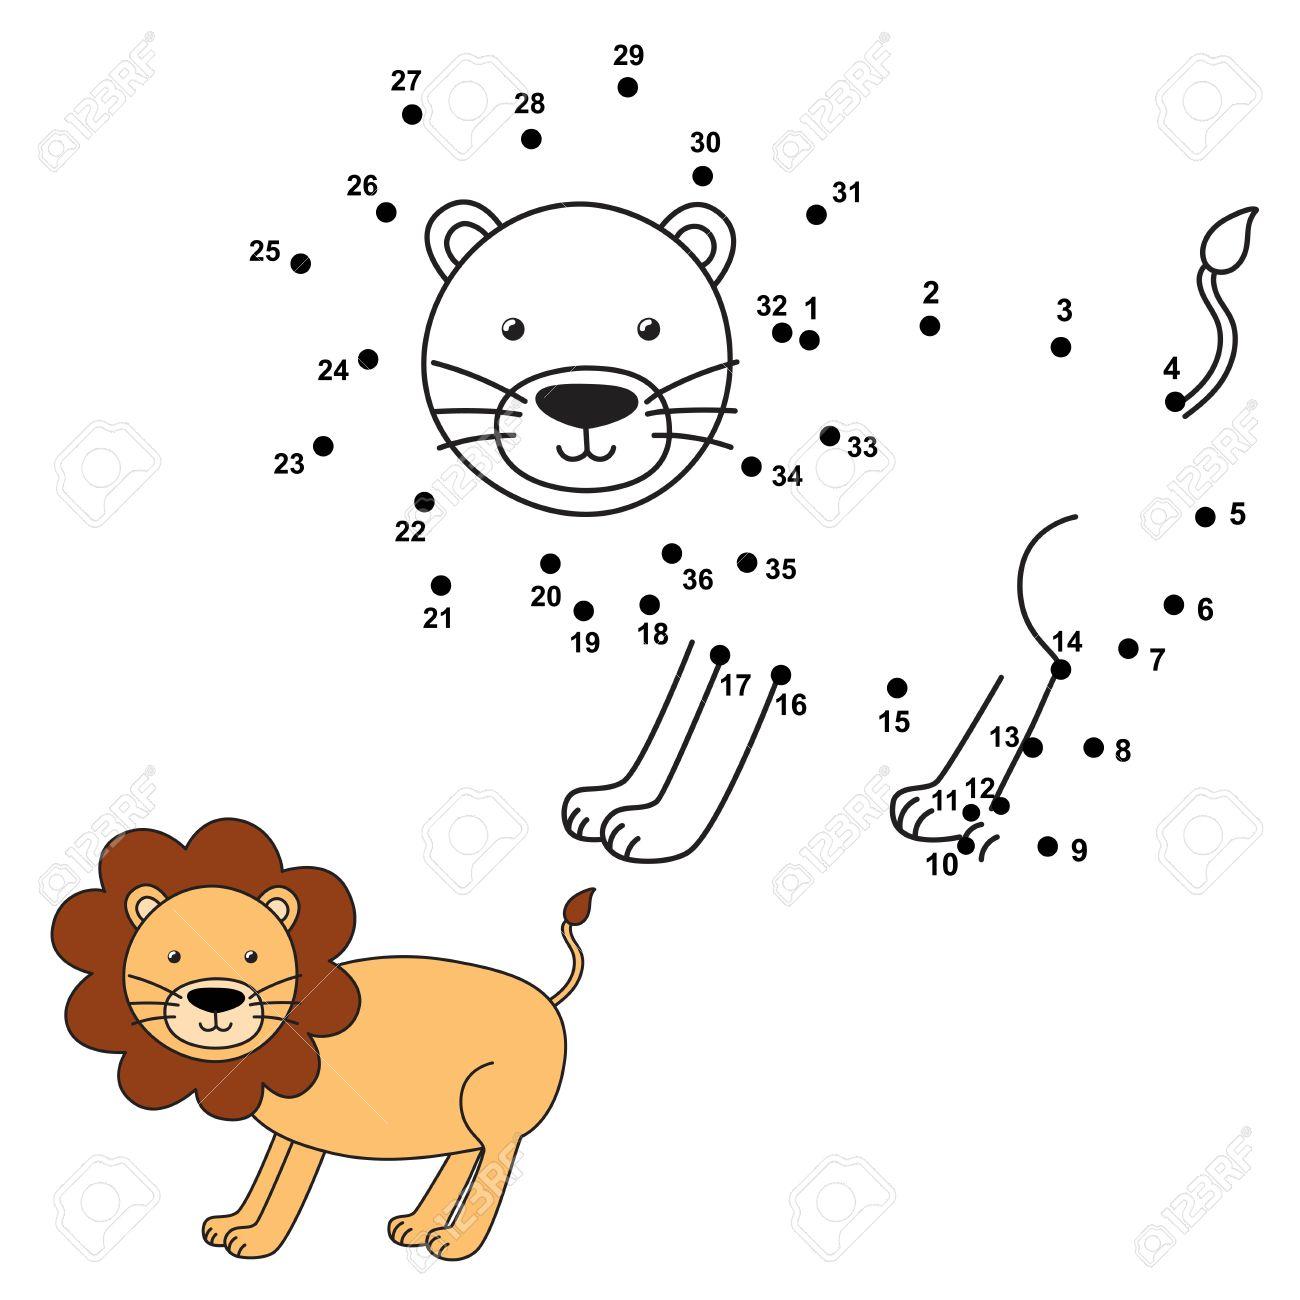 Conectar Los Puntos Para Dibujar El León Lindo Y Colorearlo. Números ...